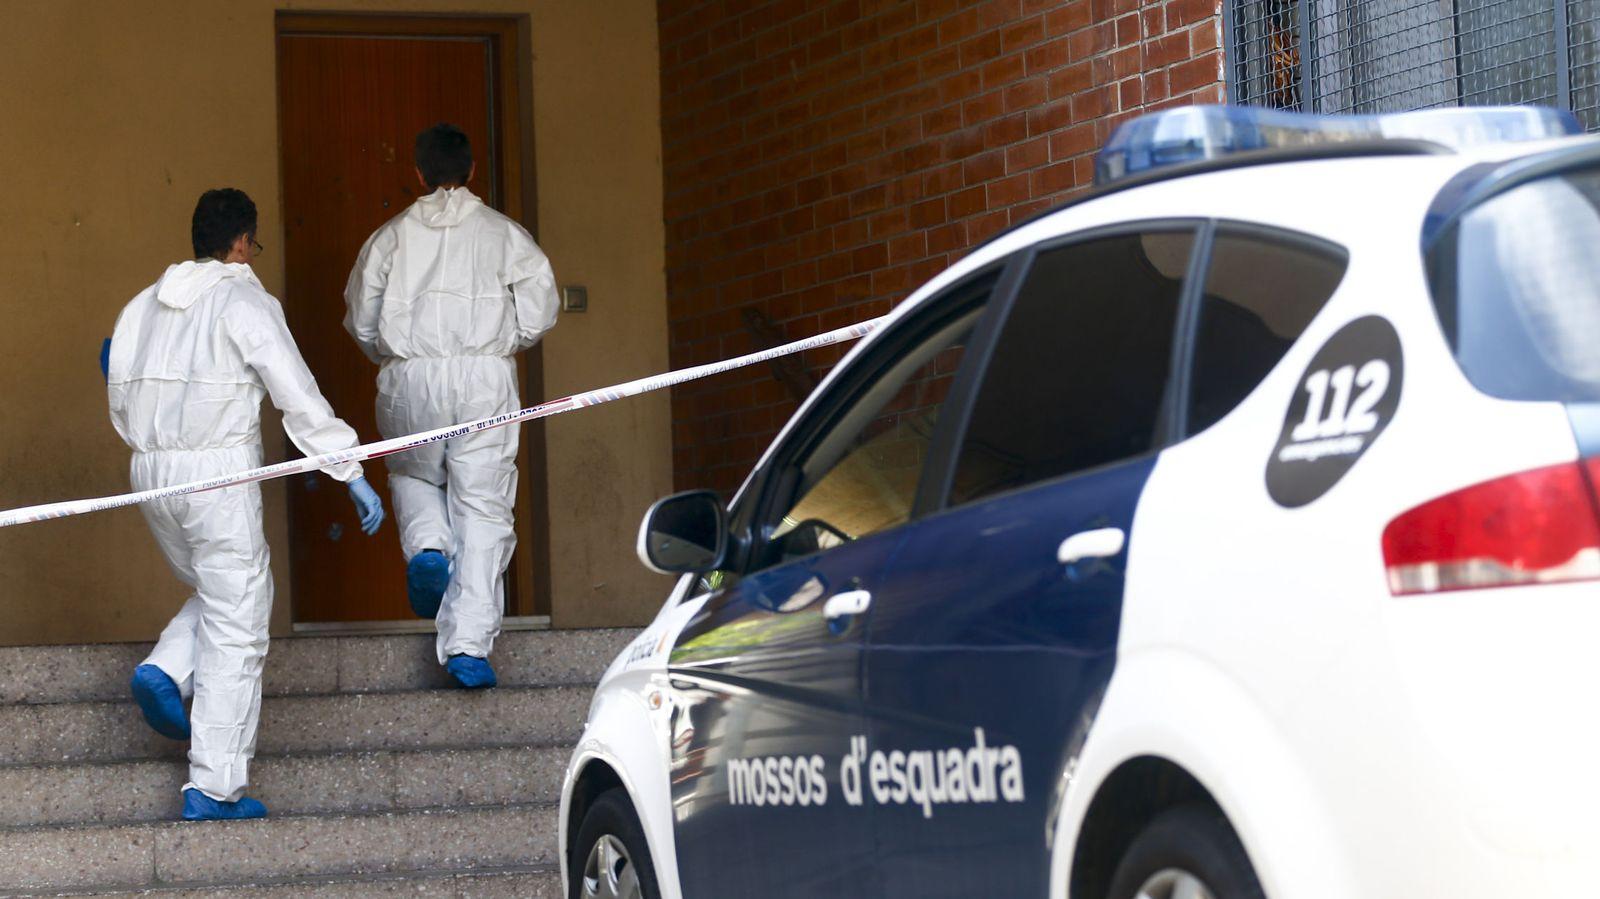 Foto: Miembros de la policía científica de los Mossos d' Esquadra. (EFE)